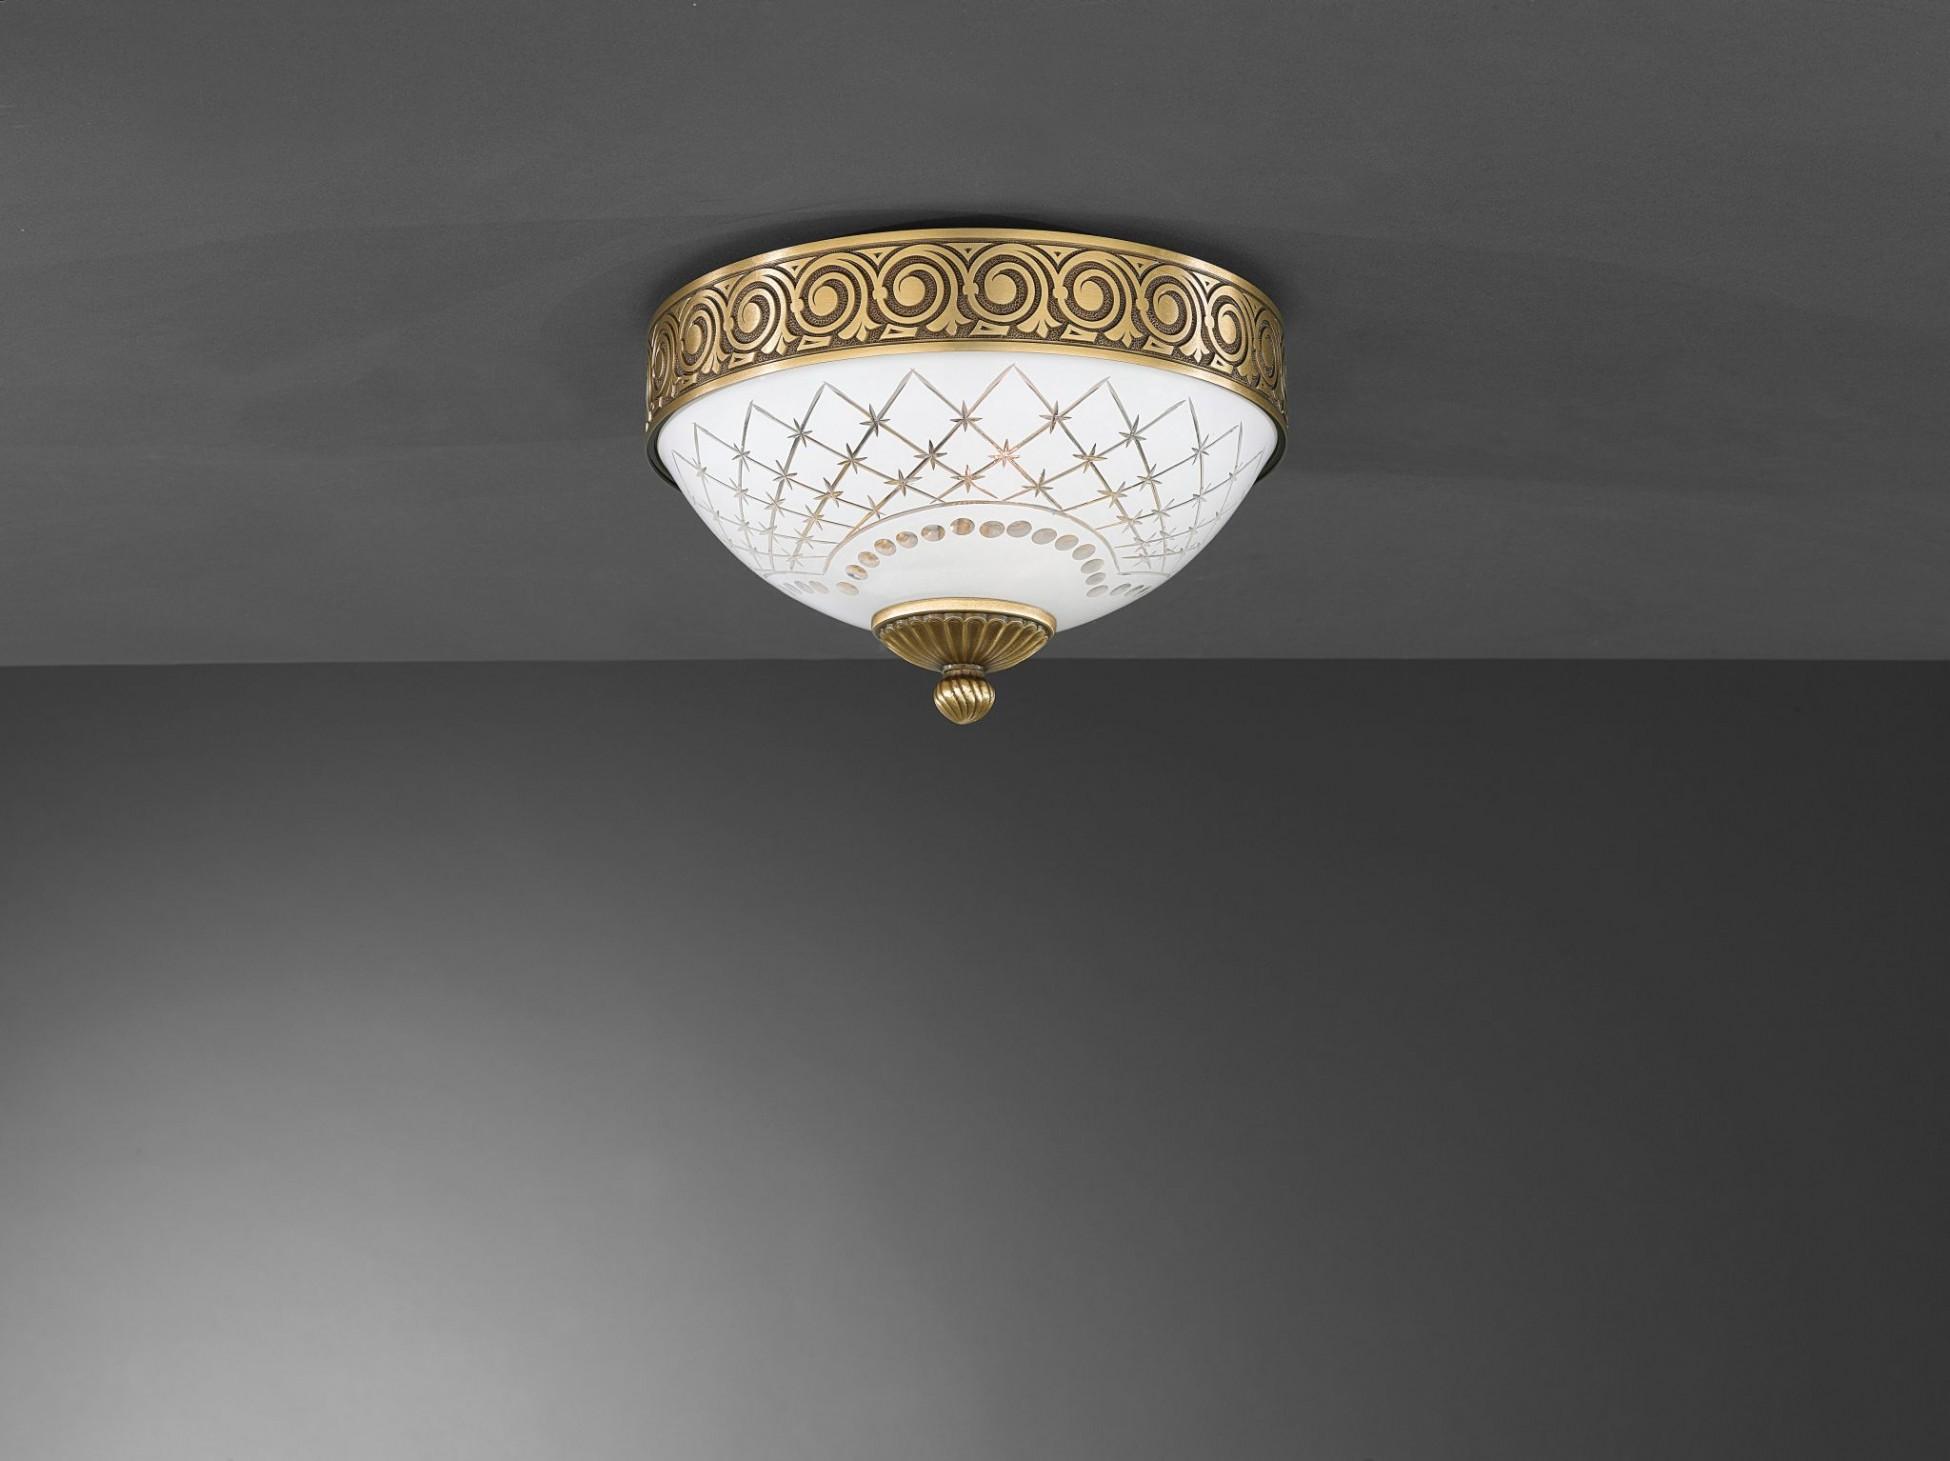 Plafoniere Ottone E Vetro : Plafoniera classica in ottone e vetro molato bianco 2 luci 24 cm